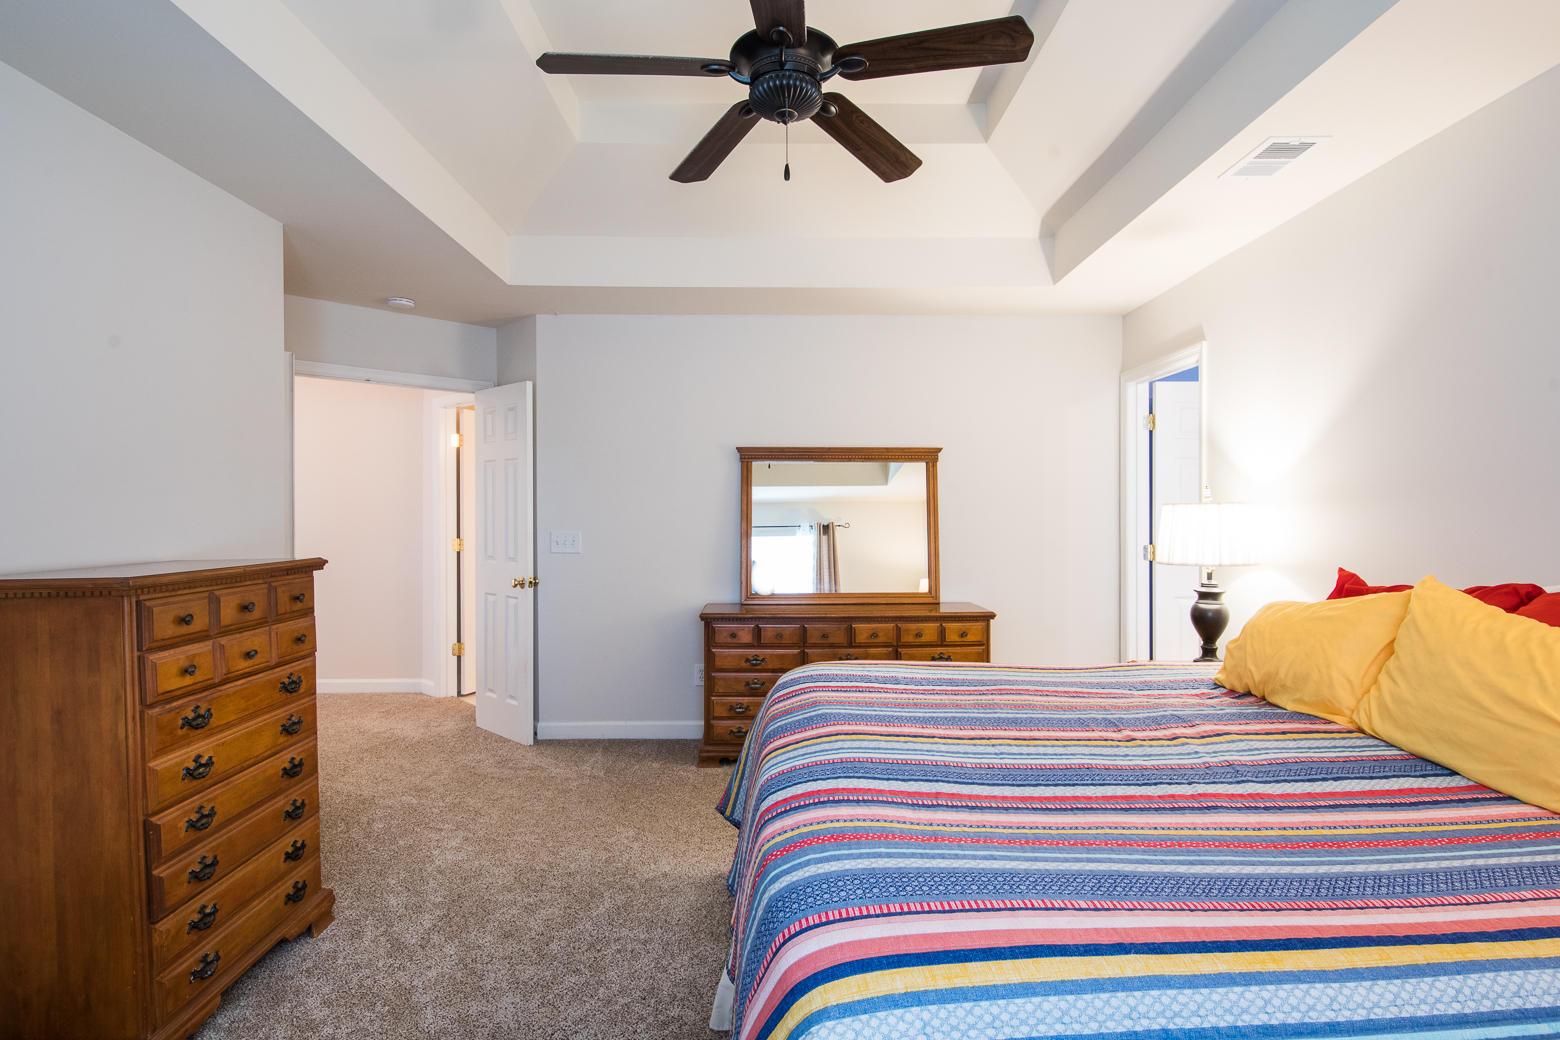 Dunes West Homes For Sale - 1111 Black Rush, Mount Pleasant, SC - 44